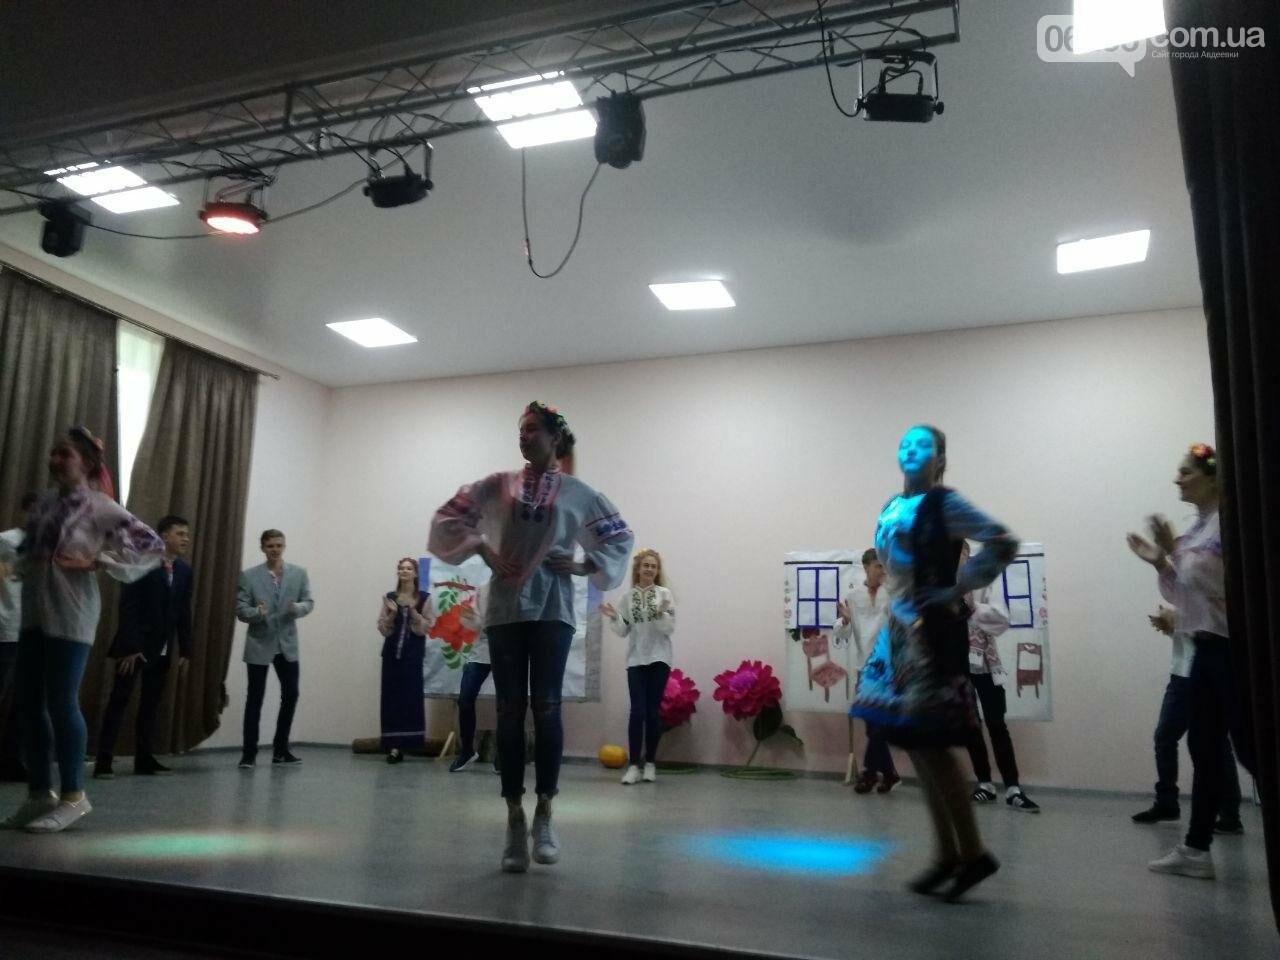 В Авдеевке прошел фестиваль современной пьесы (ФОТО), фото-1